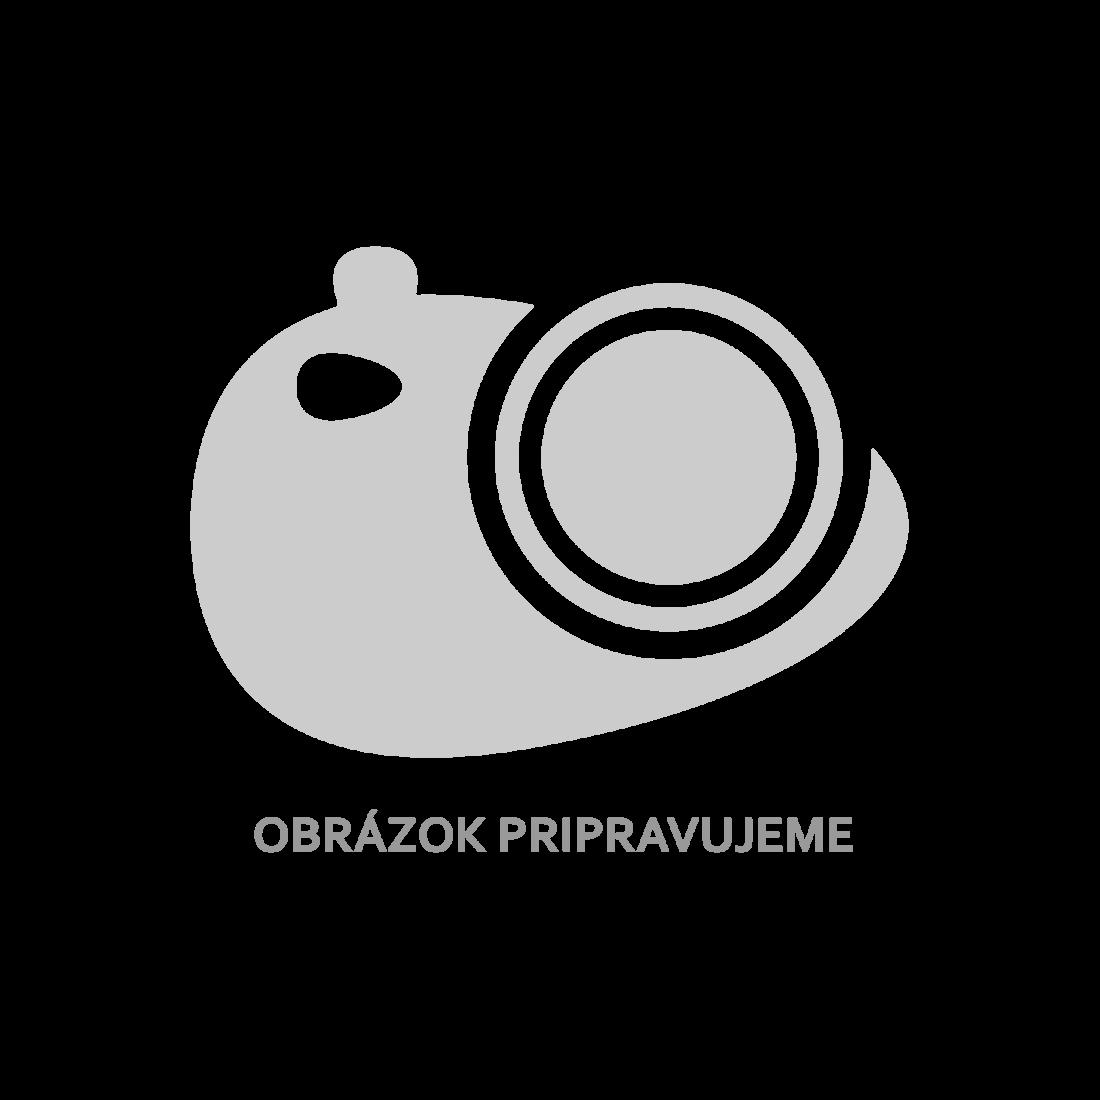 vidaXL Skládací barové stoličky 2 ks HDPE a ocel hnědé ratanový vzhled [44559]